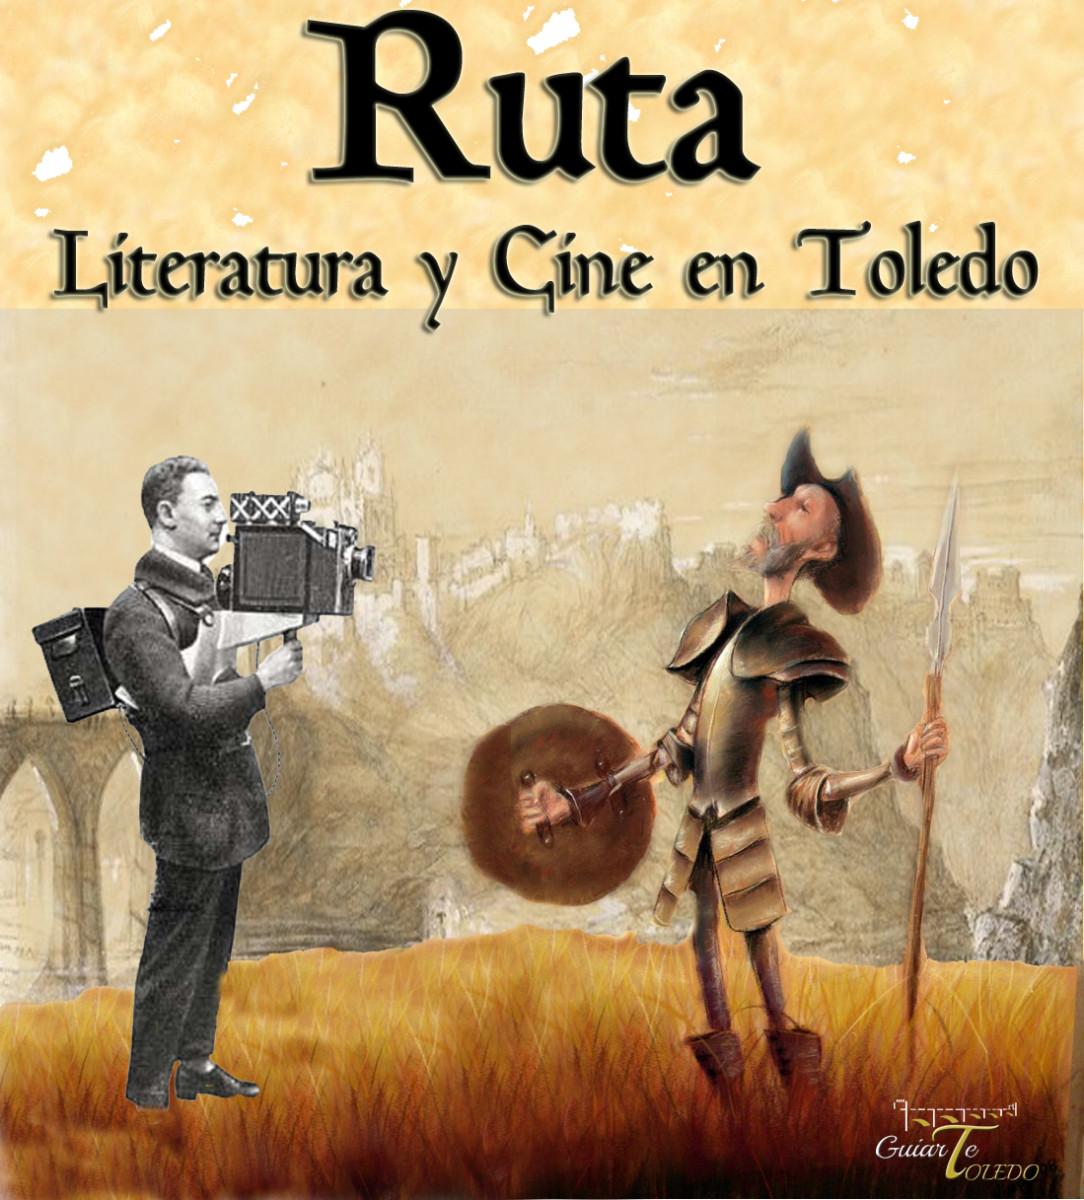 Ruta Literatura y cine en Toledo. Guiarte Toledo